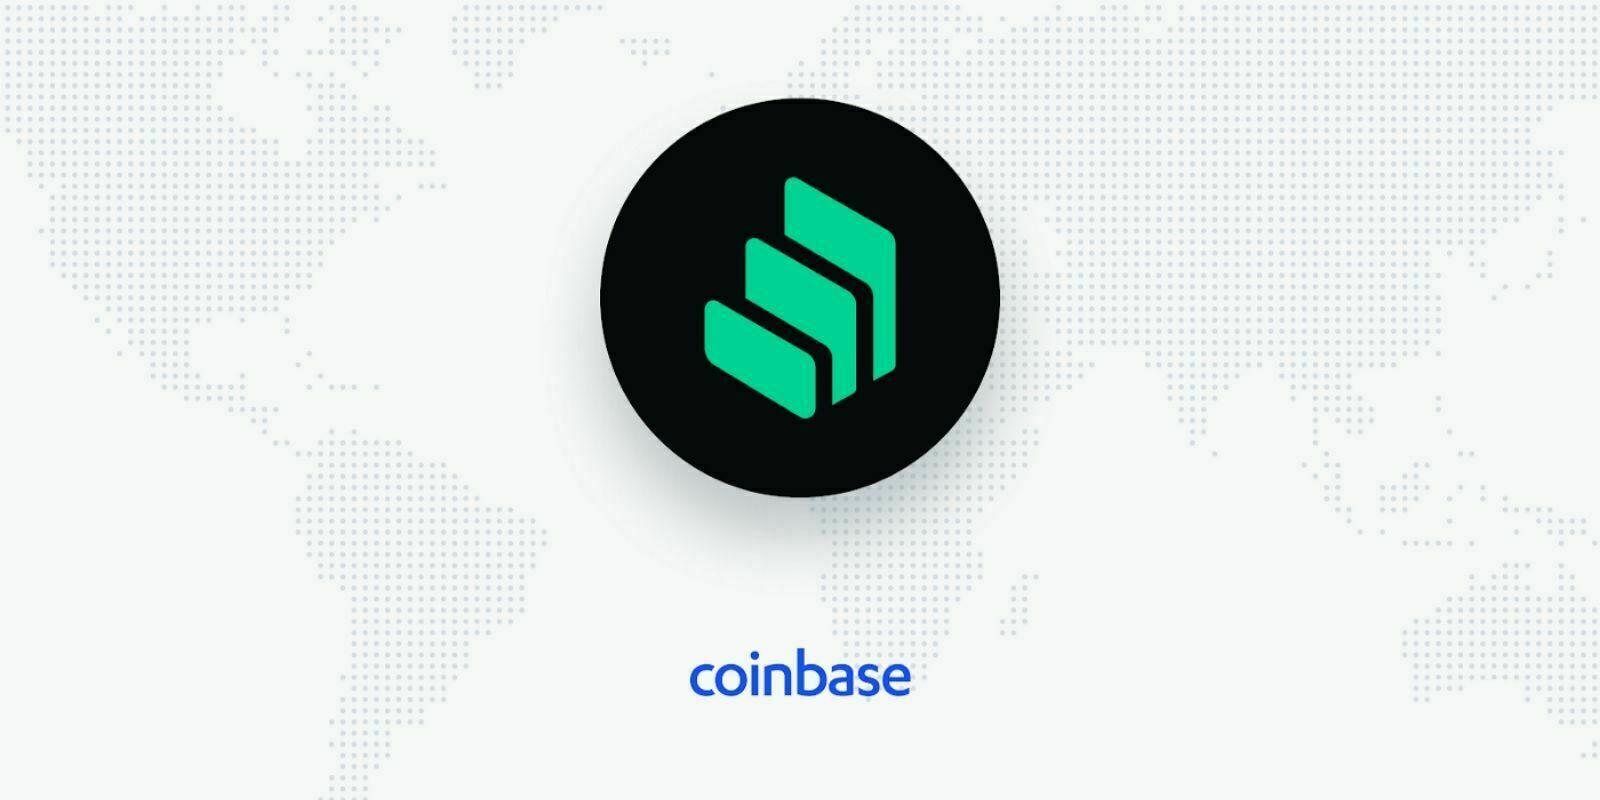 Coinbase ajoute le token de la DeFi Compound (COMP) à son listing